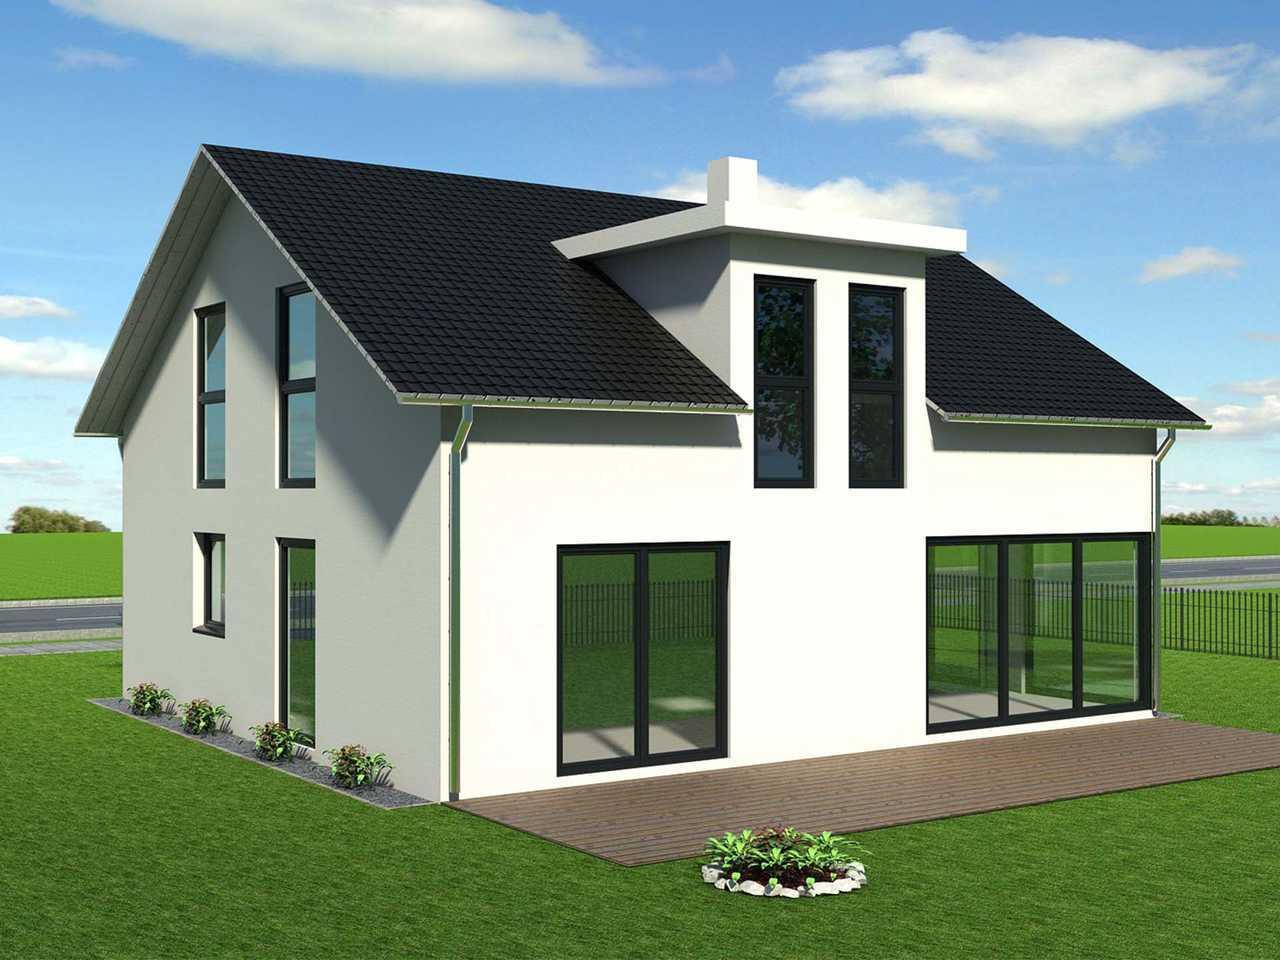 FamilienHaus - Fensterle Bauunternehmen